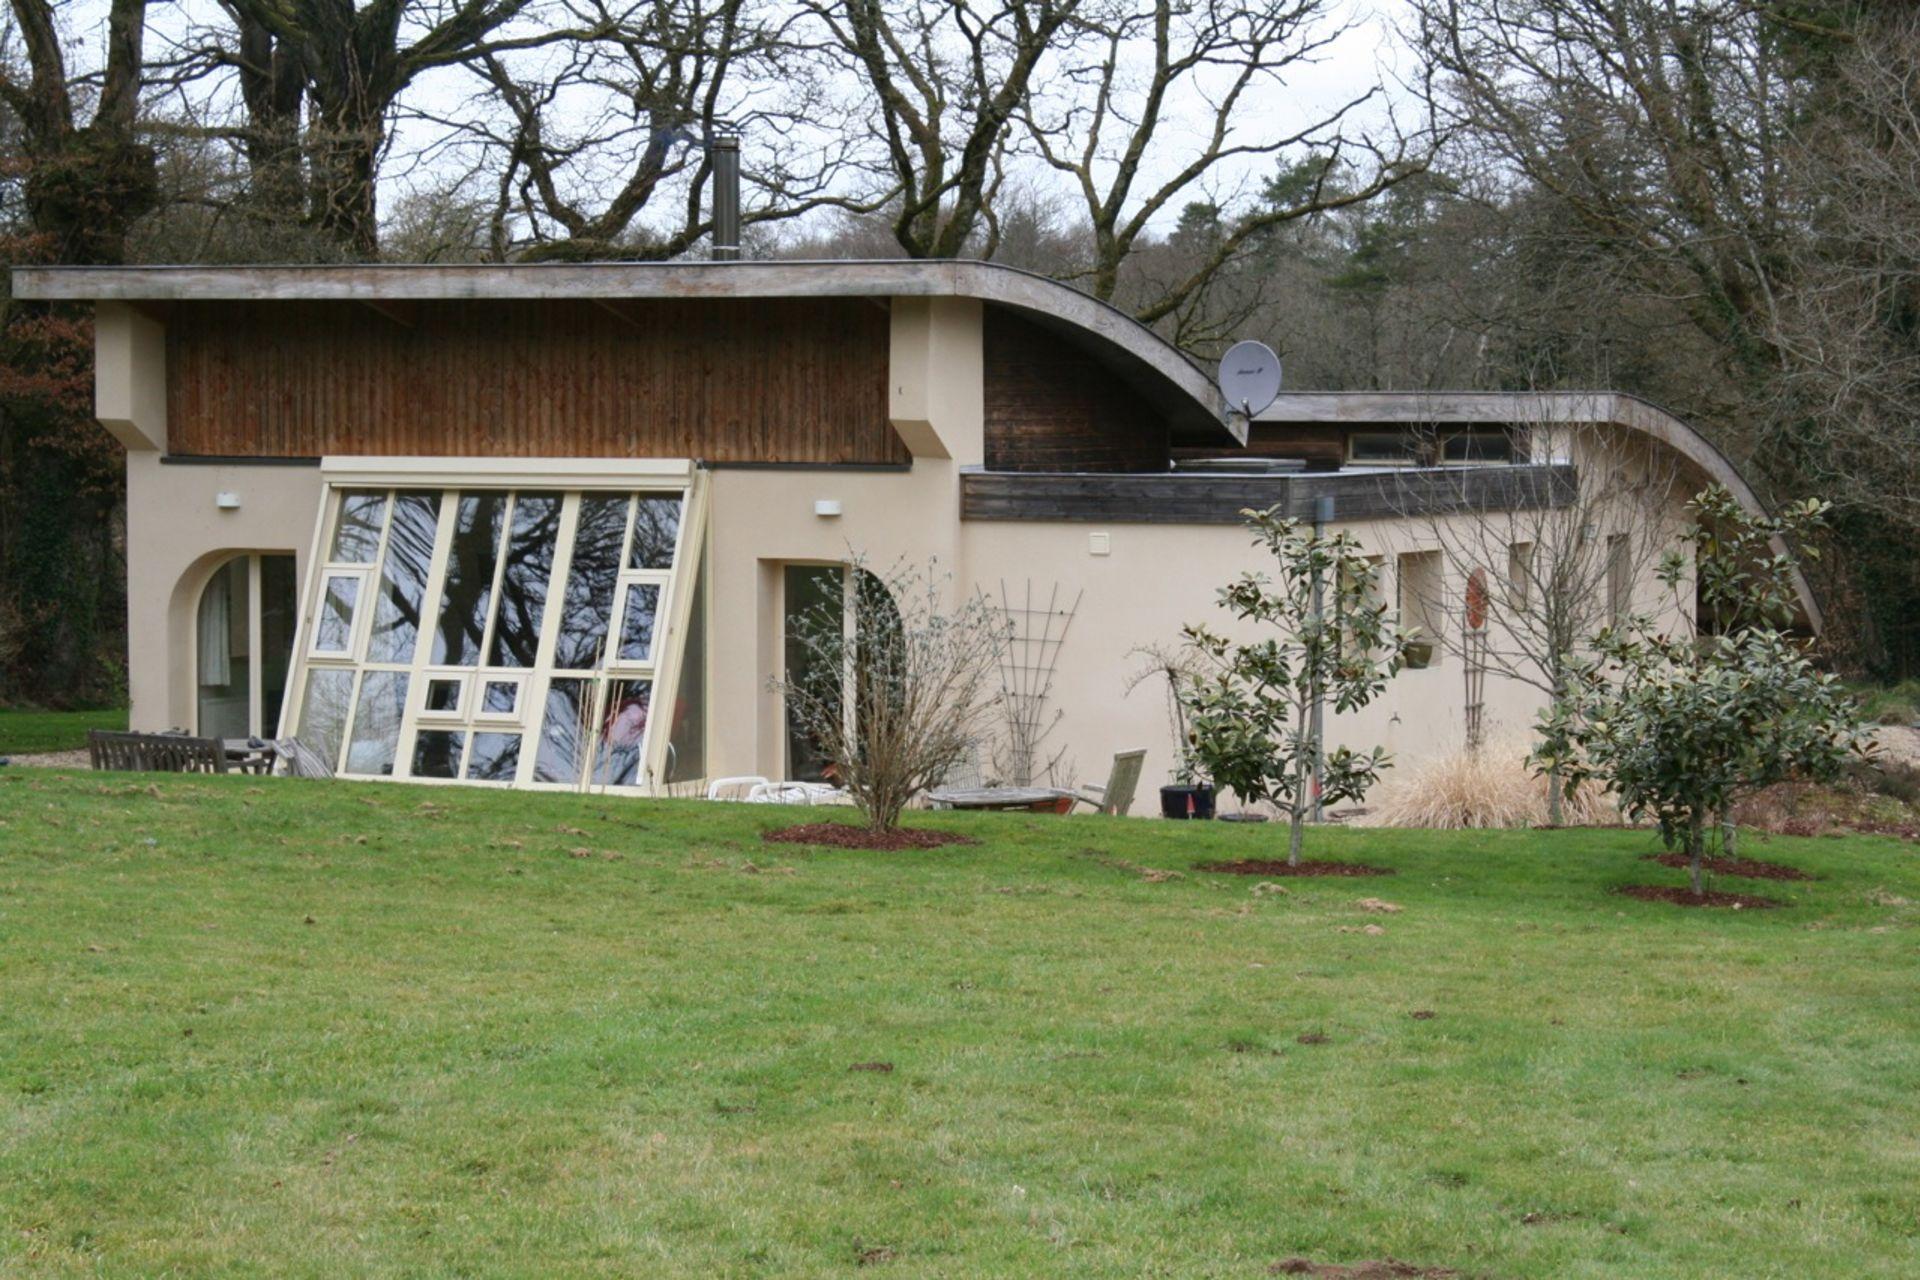 Acheter 39 bungalow cologique en bretagne 39 dans la region for Acheter une maison en bretagne nord